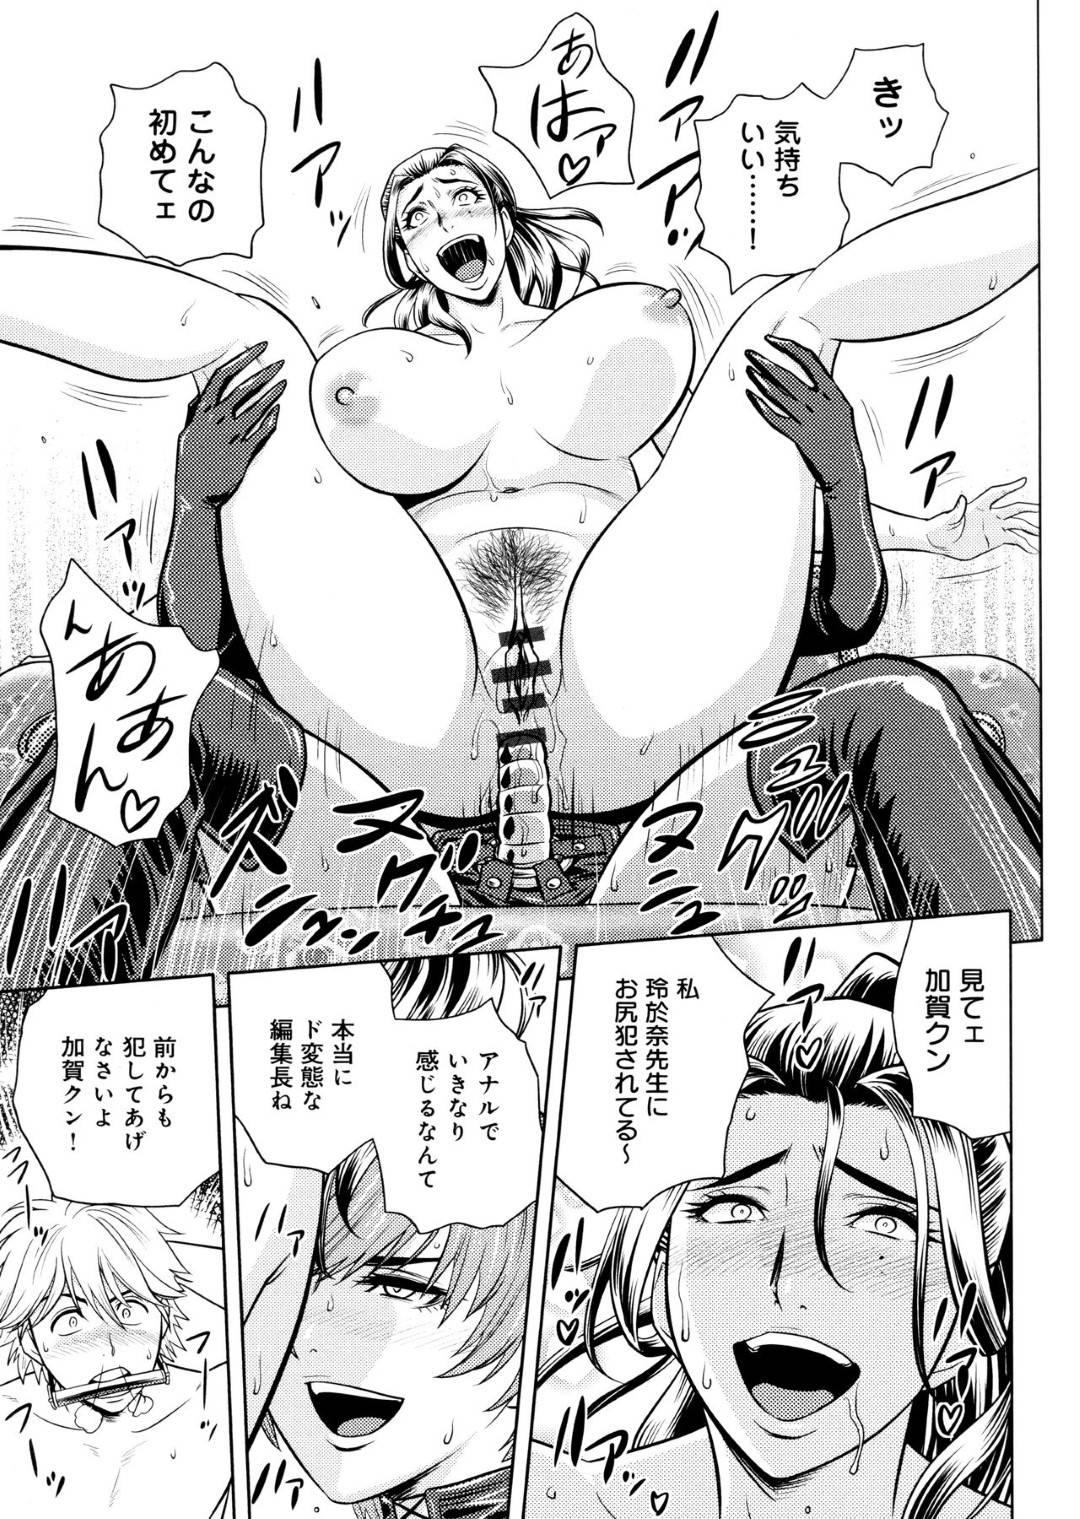 【エロ漫画】乱交セックスに参加する事となったムチムチOLお姉さん…彼女はディルドをアナルに挿入された状態で膣にチンポをハメられて感じまくる!